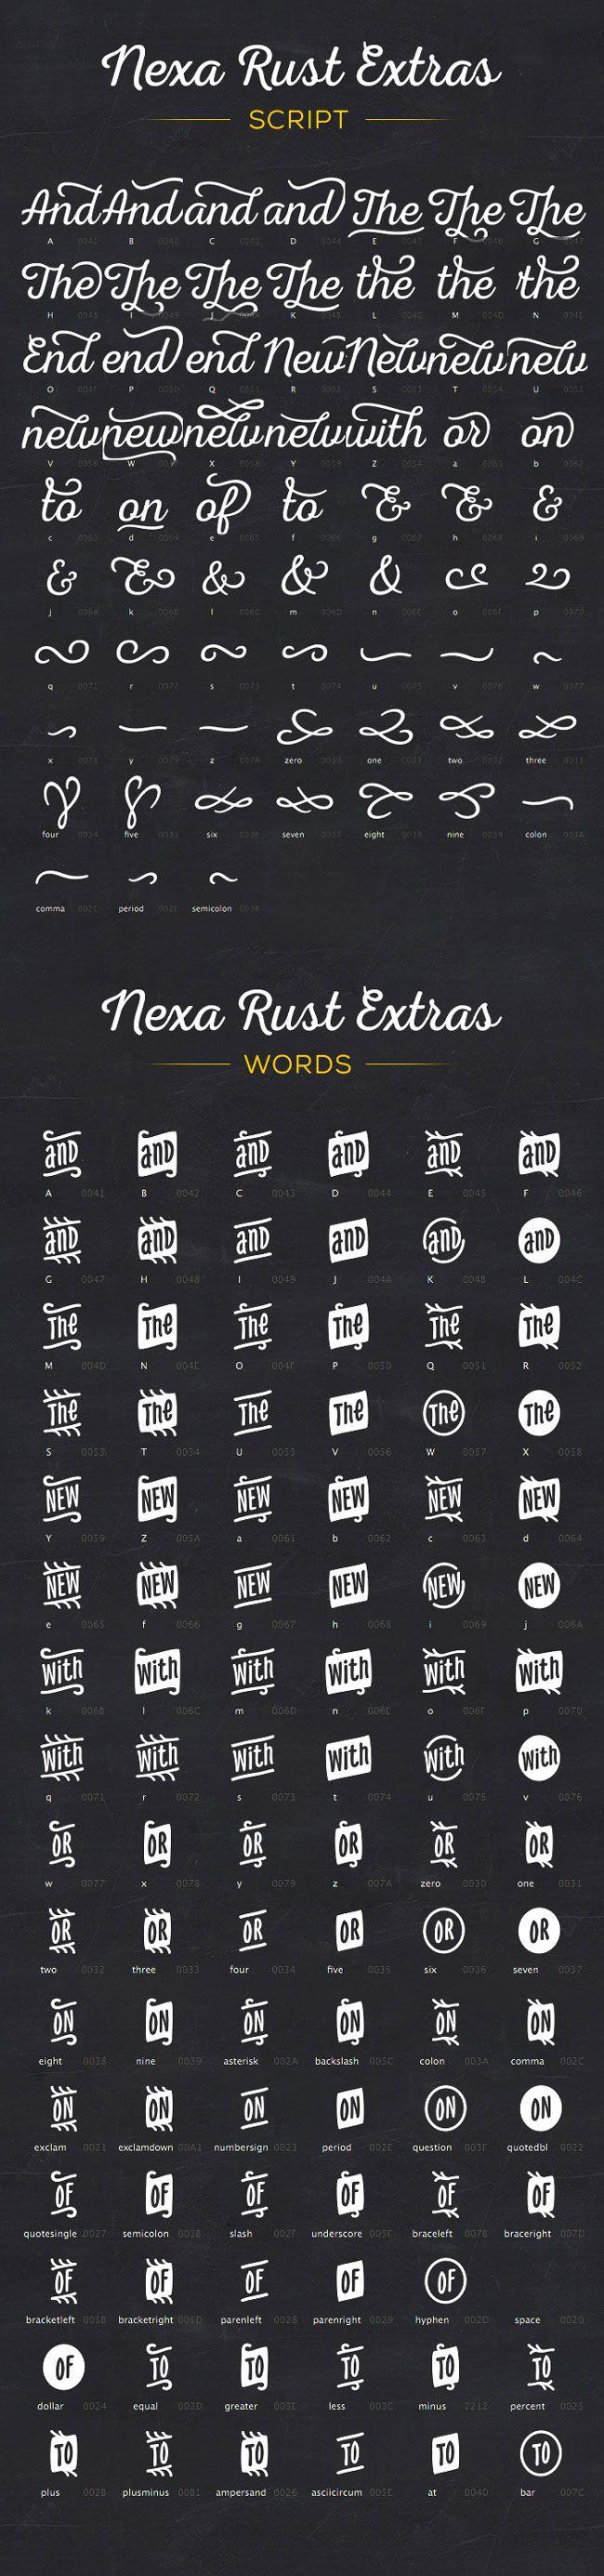 NEXA RUST - Super Mega Pack of 83 fonts (5 sub-families)   Mighty Deals